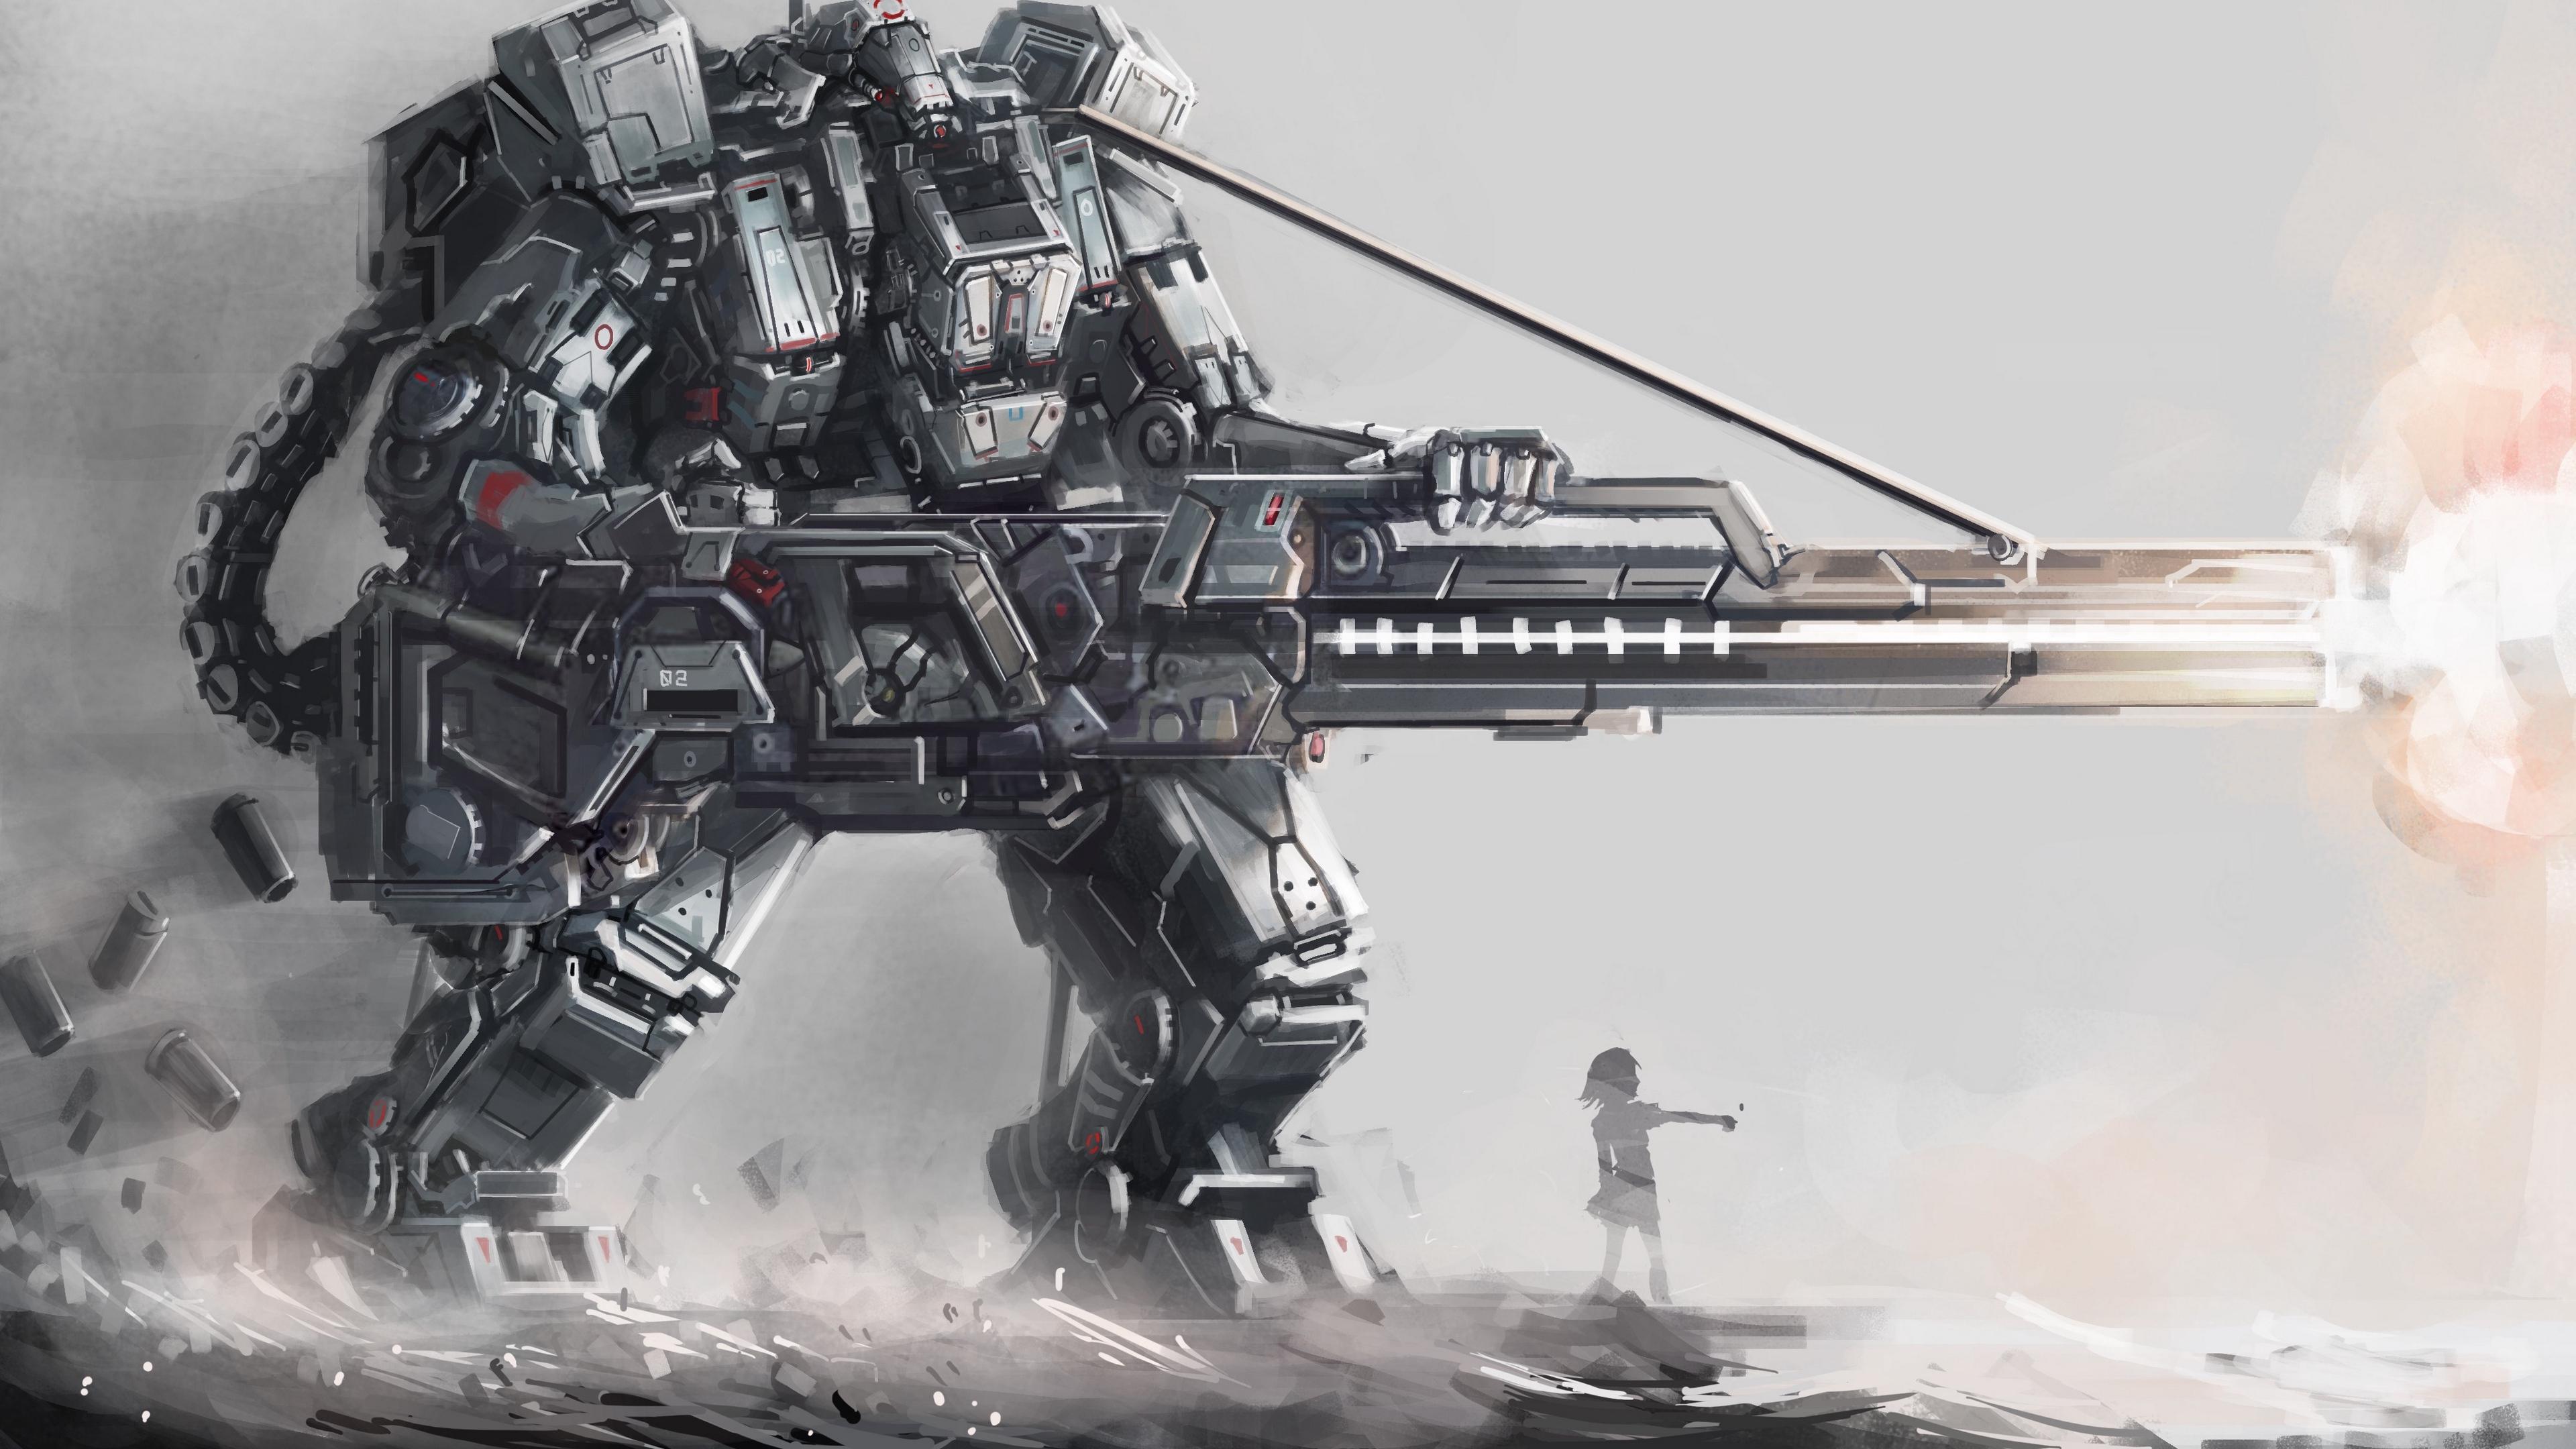 art osama robot giant guns silhouette girl 4k 1541976044 - art, osama, robot, giant, guns, silhouette, girl 4k - Robot, osama, art